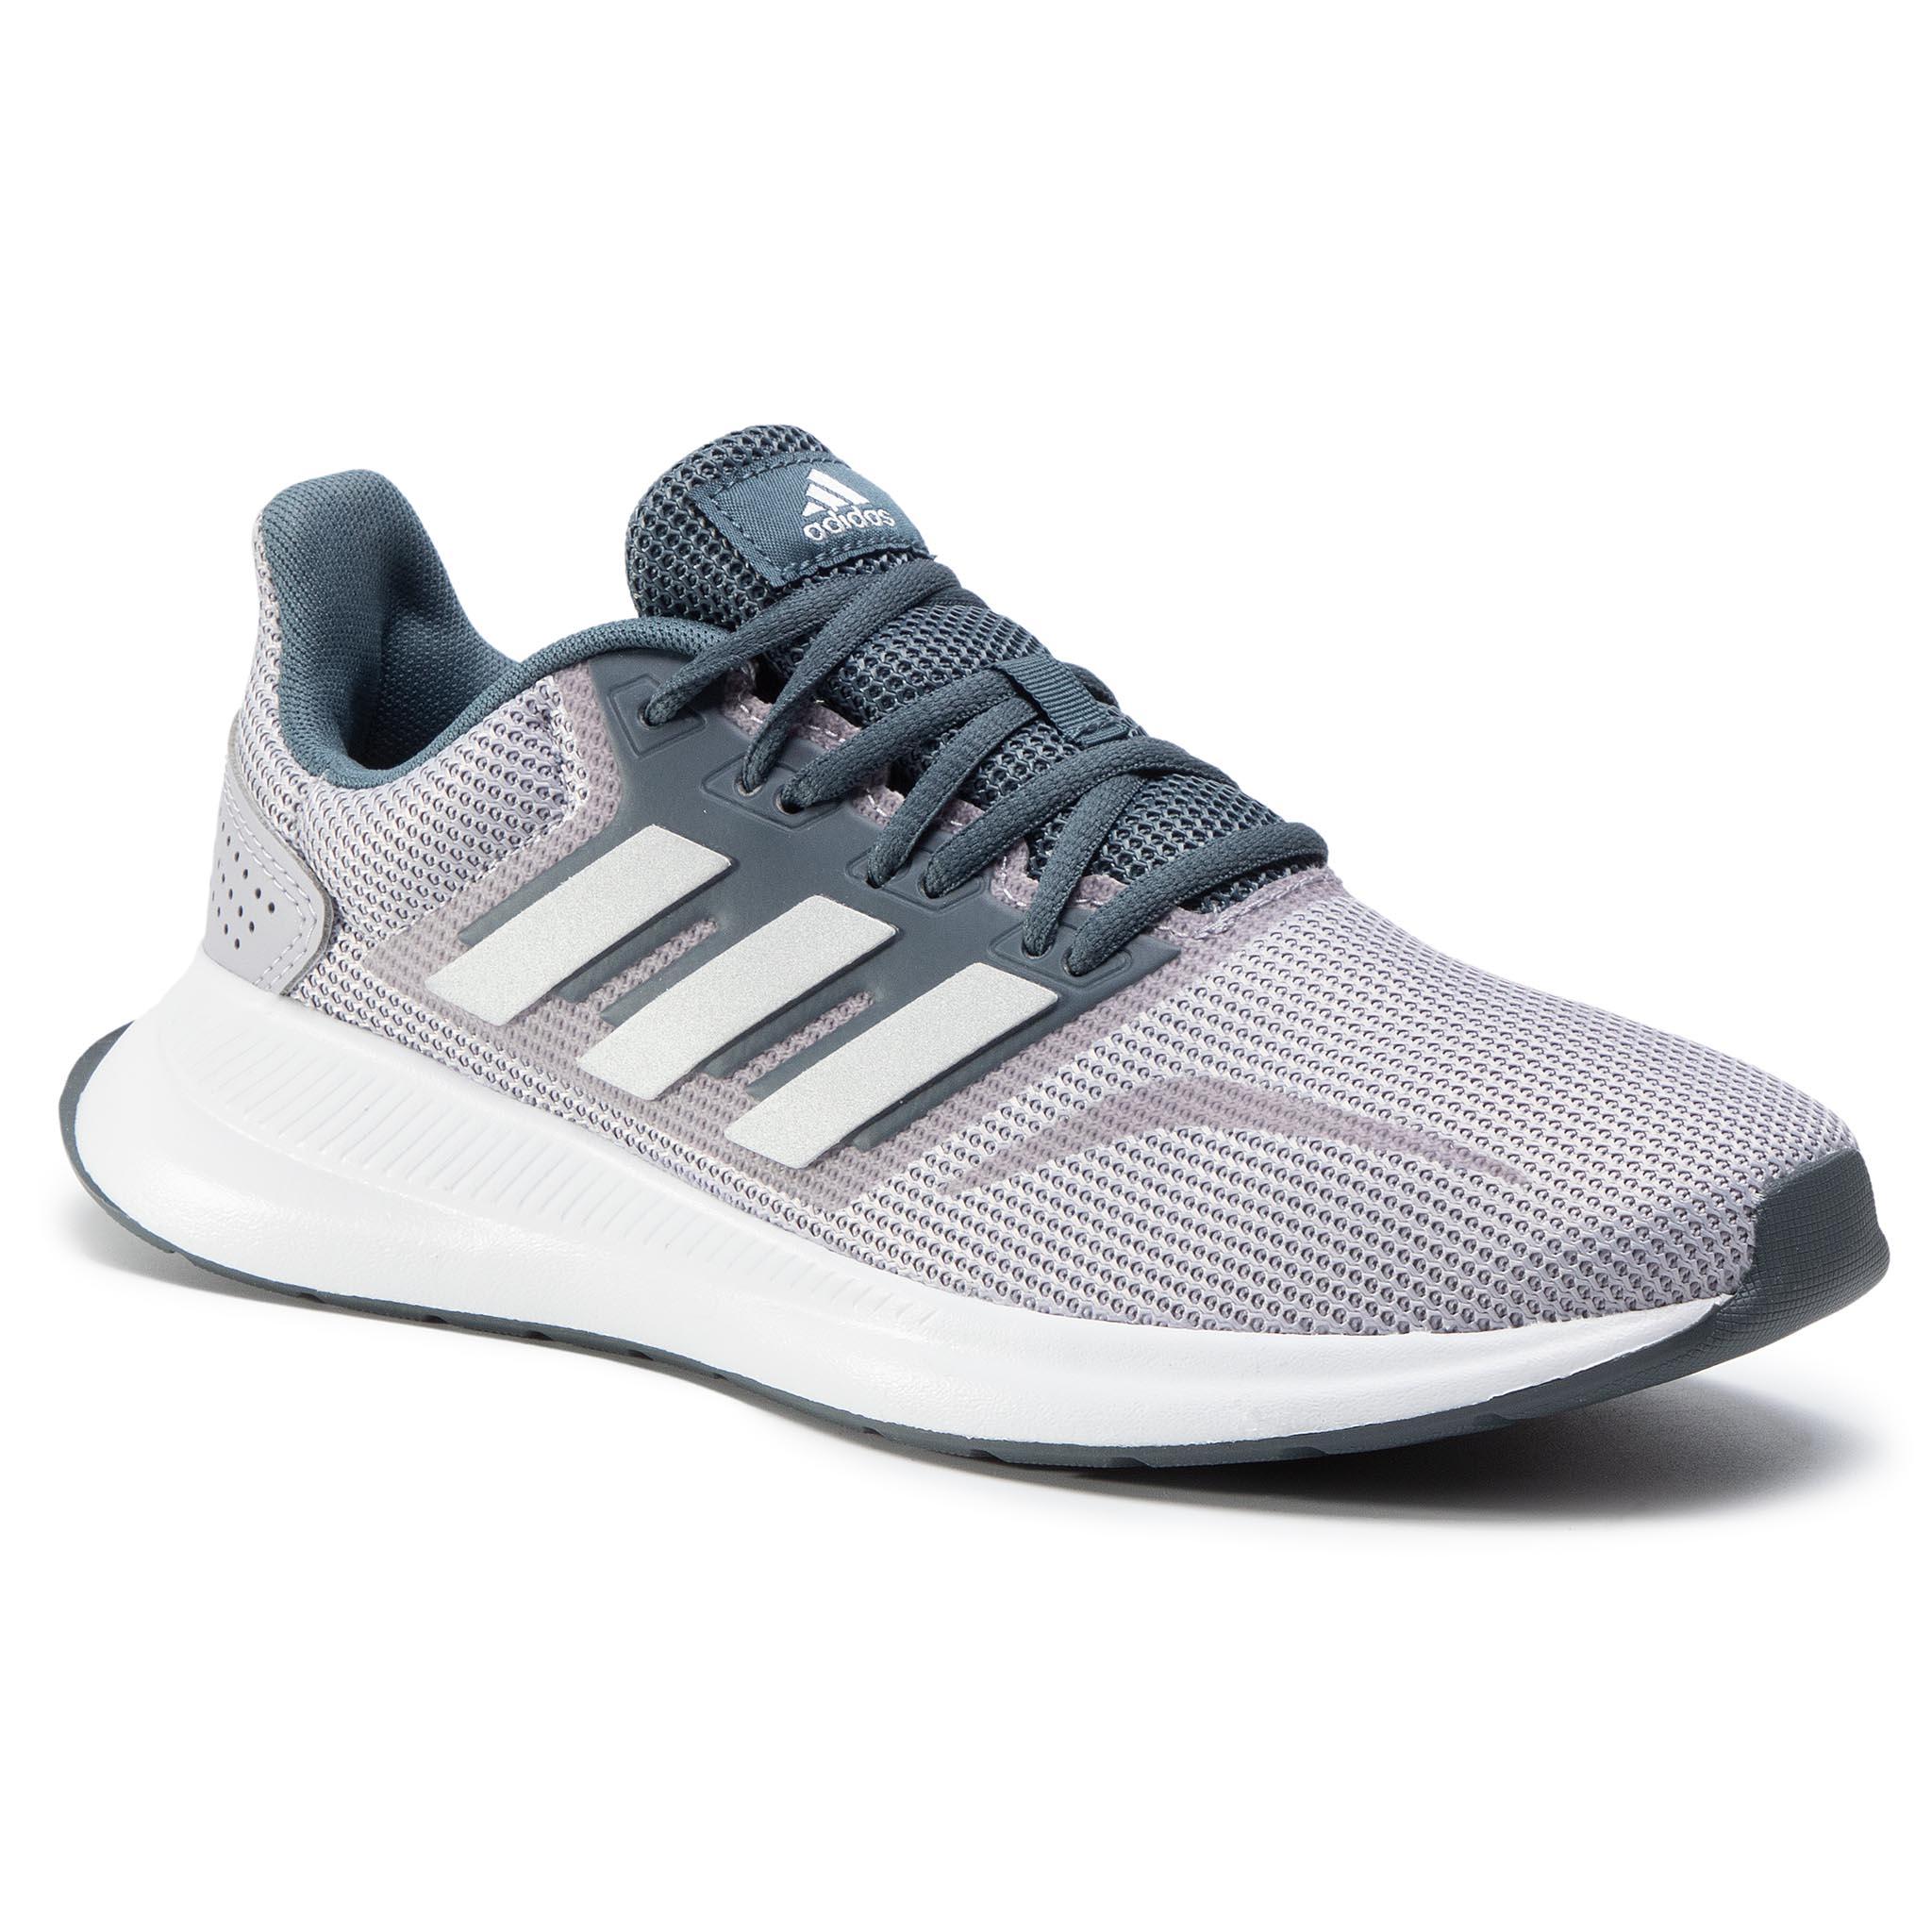 Topánky adidas - Runfalcon FW5058  Grey